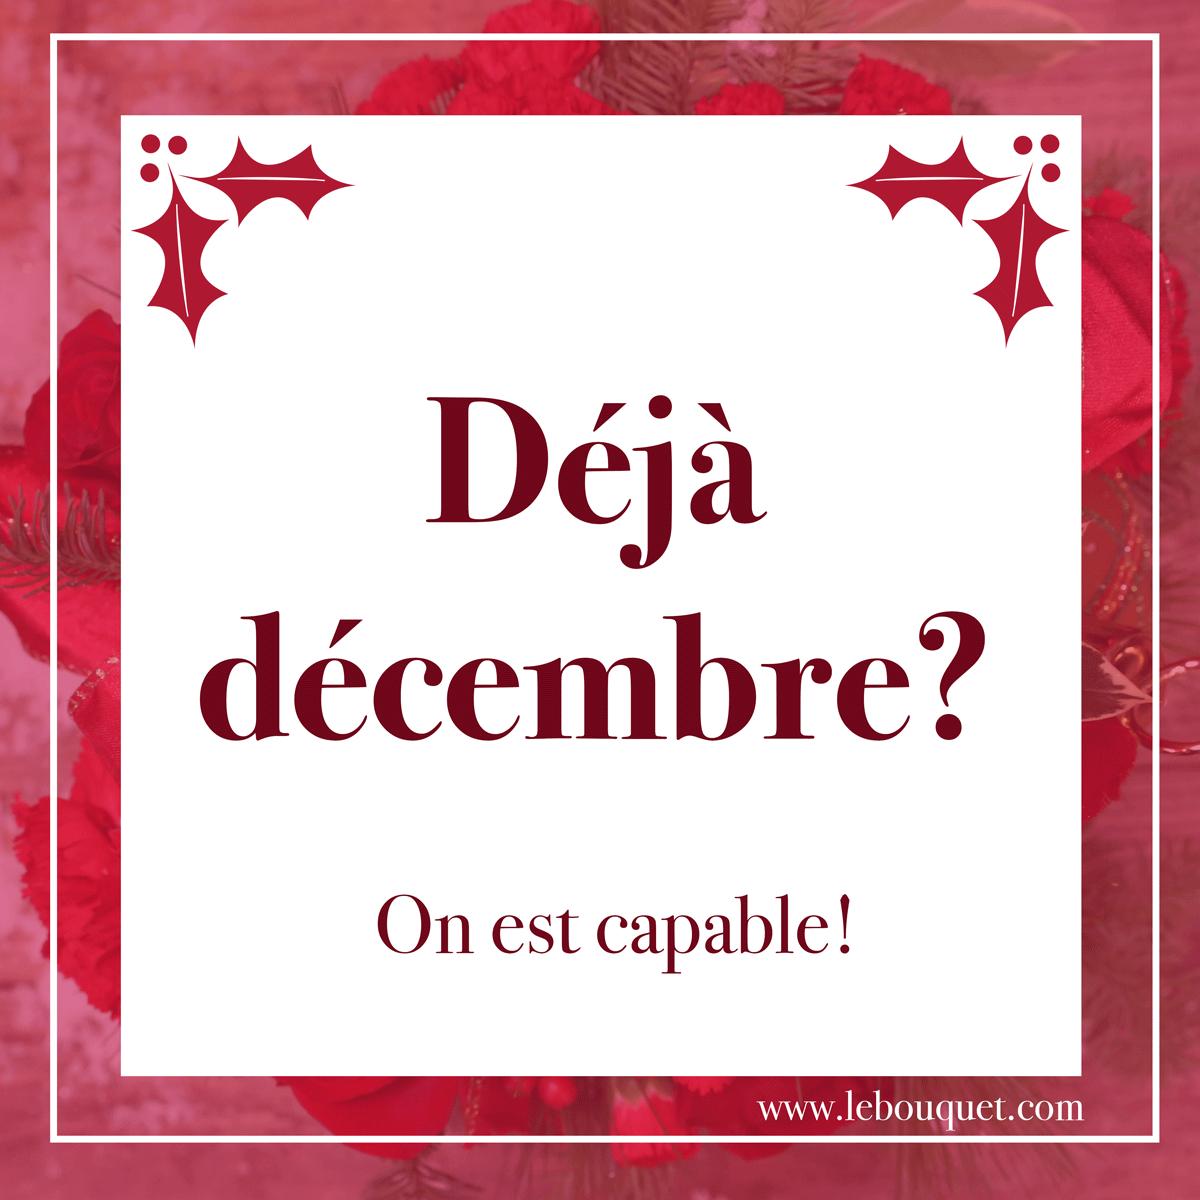 deja-decembre - Le Bouquet St Laurent